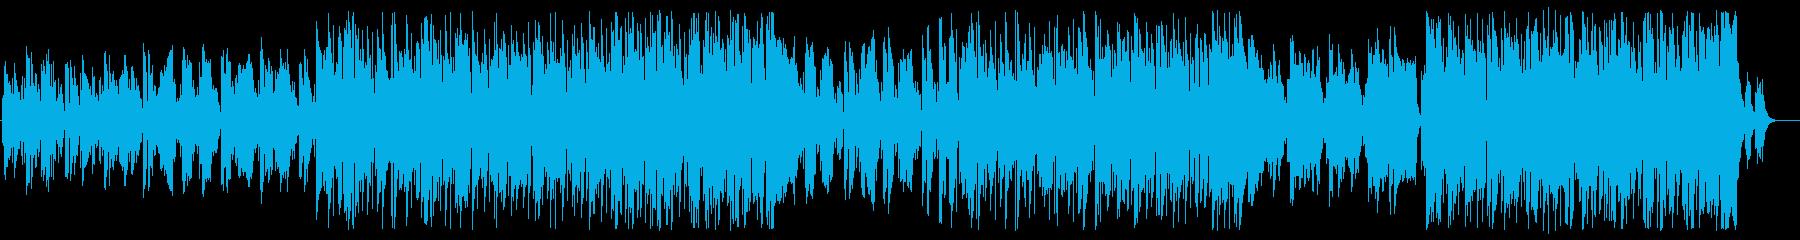 ミドルテンポのメランコリックなポップスの再生済みの波形